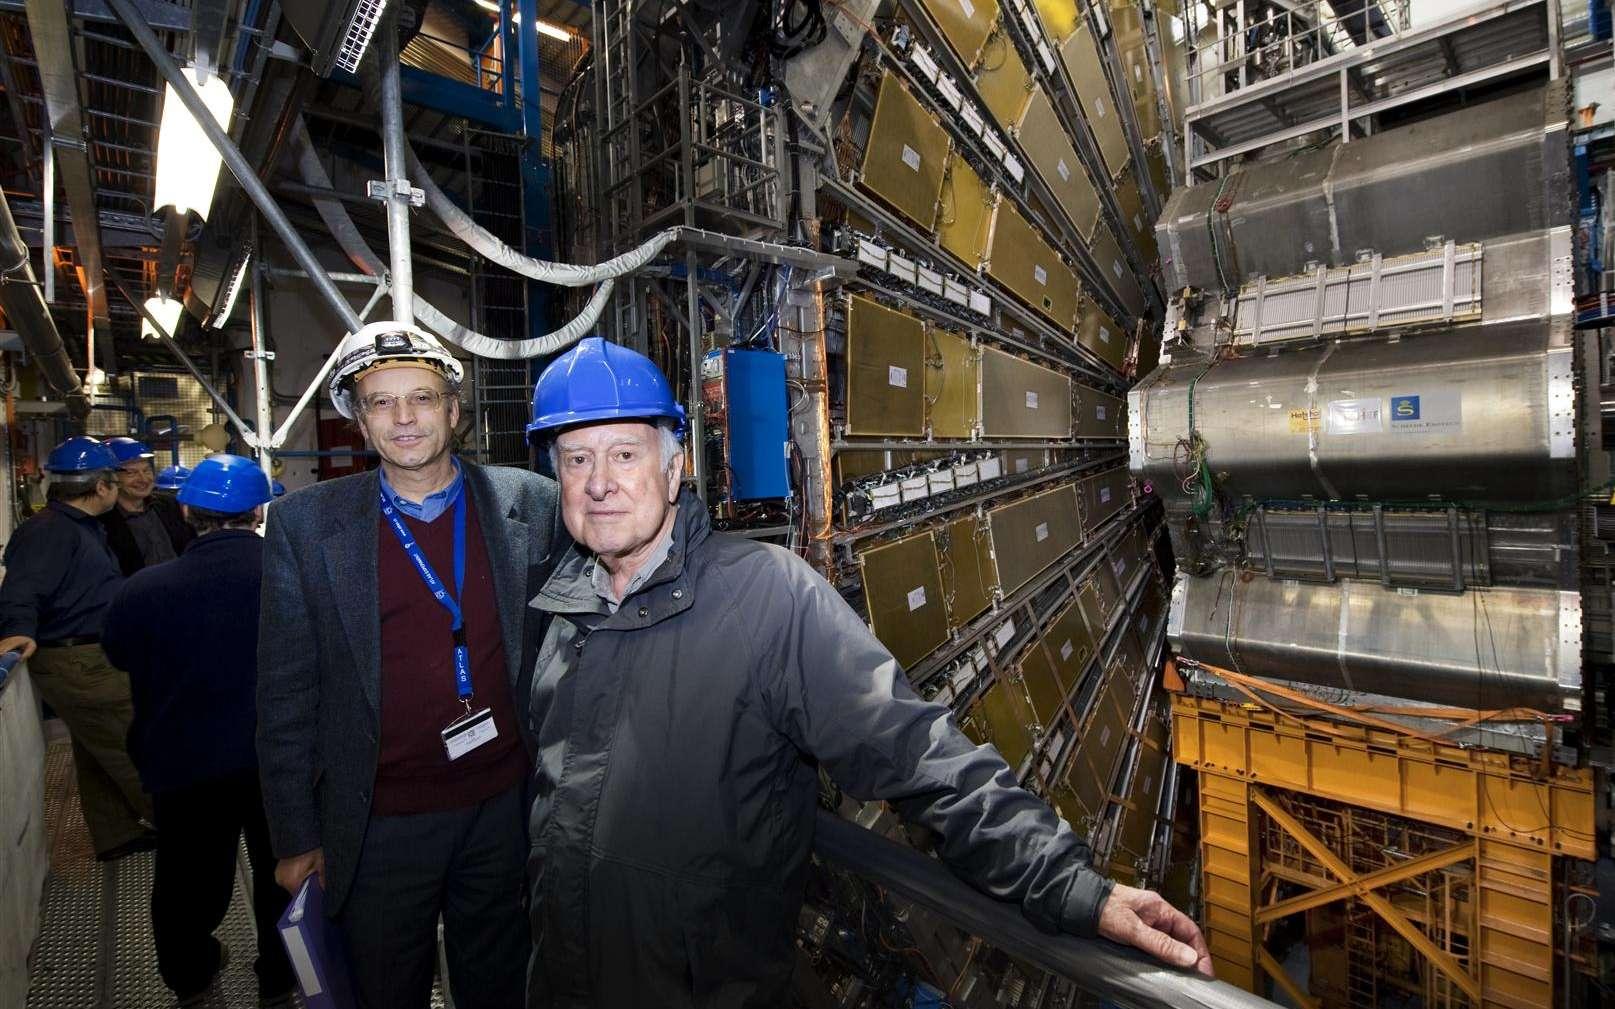 Peter Higgs visitant Atlas. Crédit : Cern